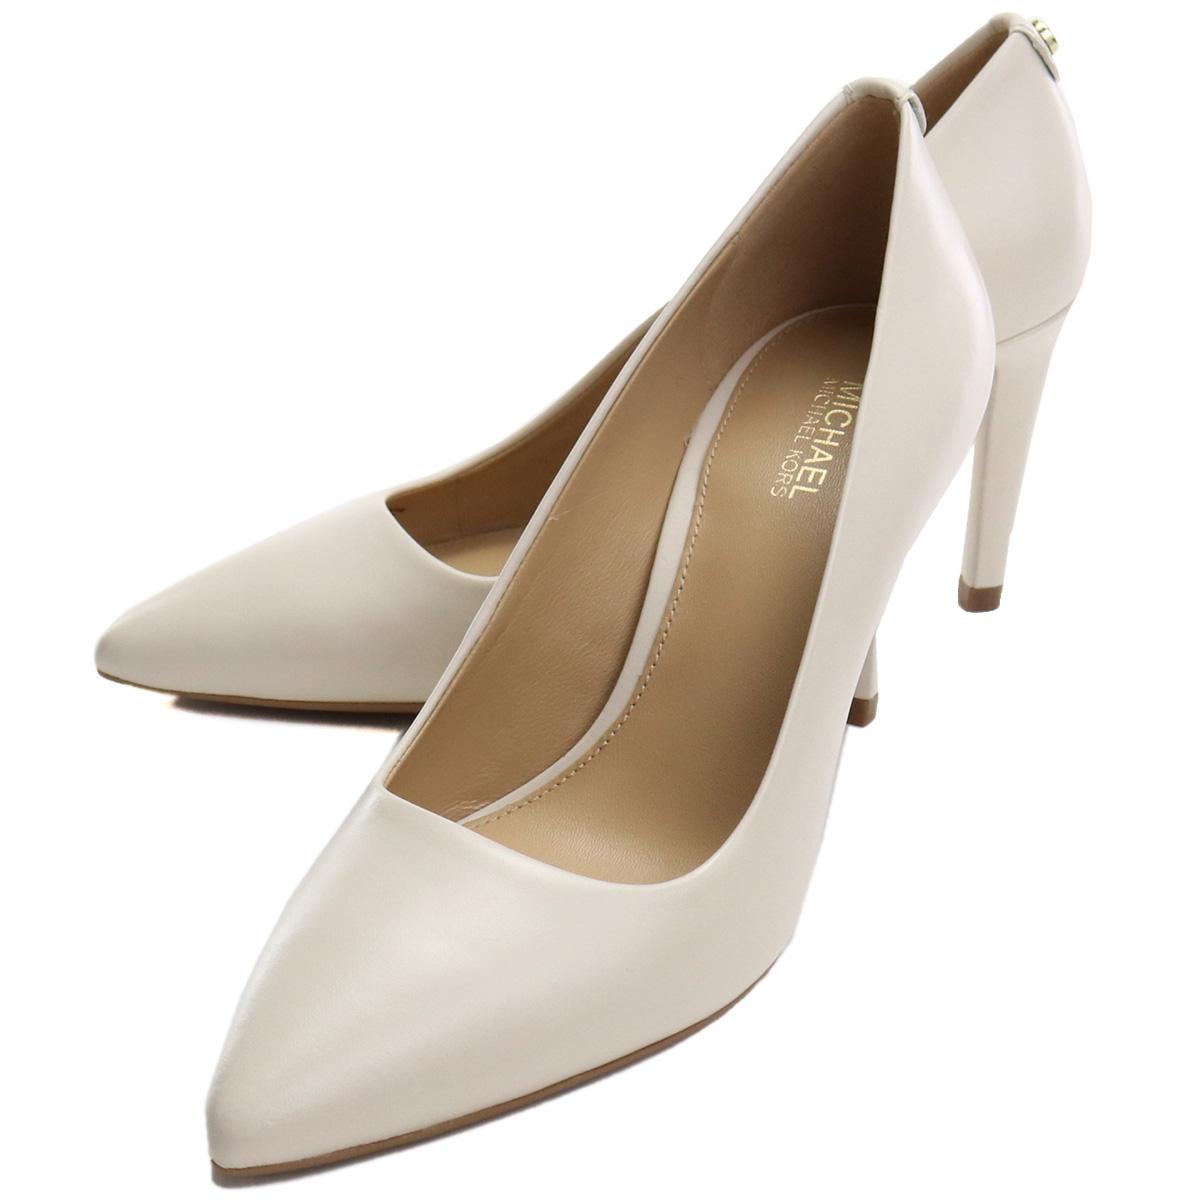 ※ 送料無料 Special Price マイケル 上品 コース MICHAEL 送料無料新品 KORS ホワイト系 mks-01 shoes-01 パンプス LEATHER 40S8DOMP2L CREAM